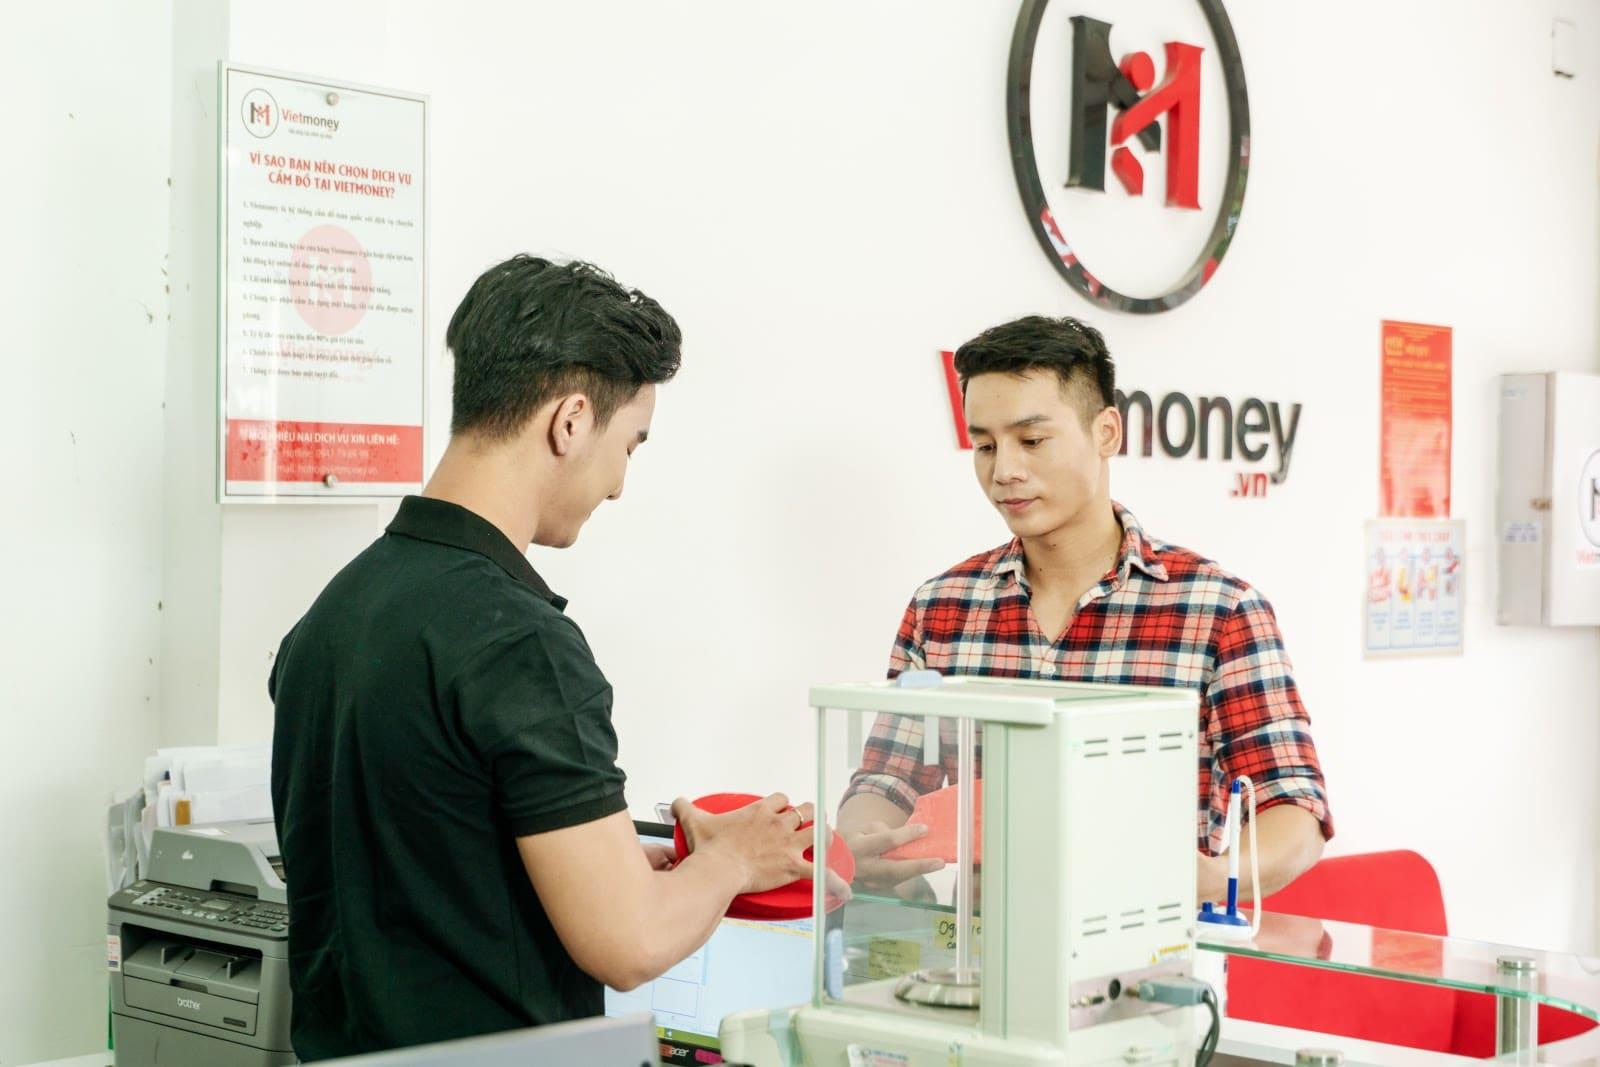 Viet Money luôn hỗ trợ tối đa cho khách hàng khi vay